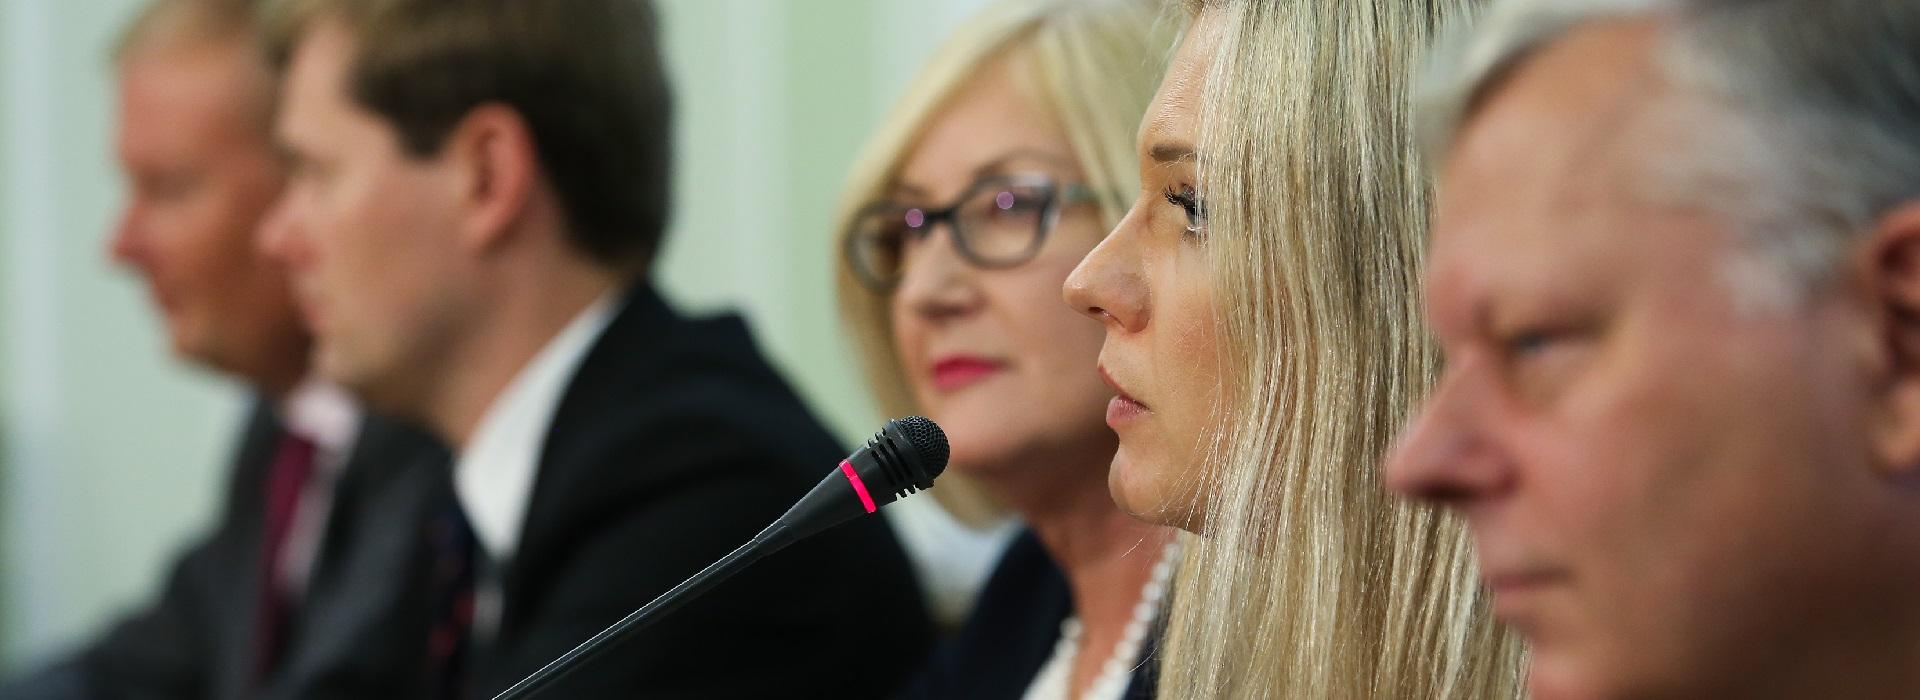 Amber Gold: Wniosek ABW o założenie podsłuchu czekał aż tydzień u prokuratora